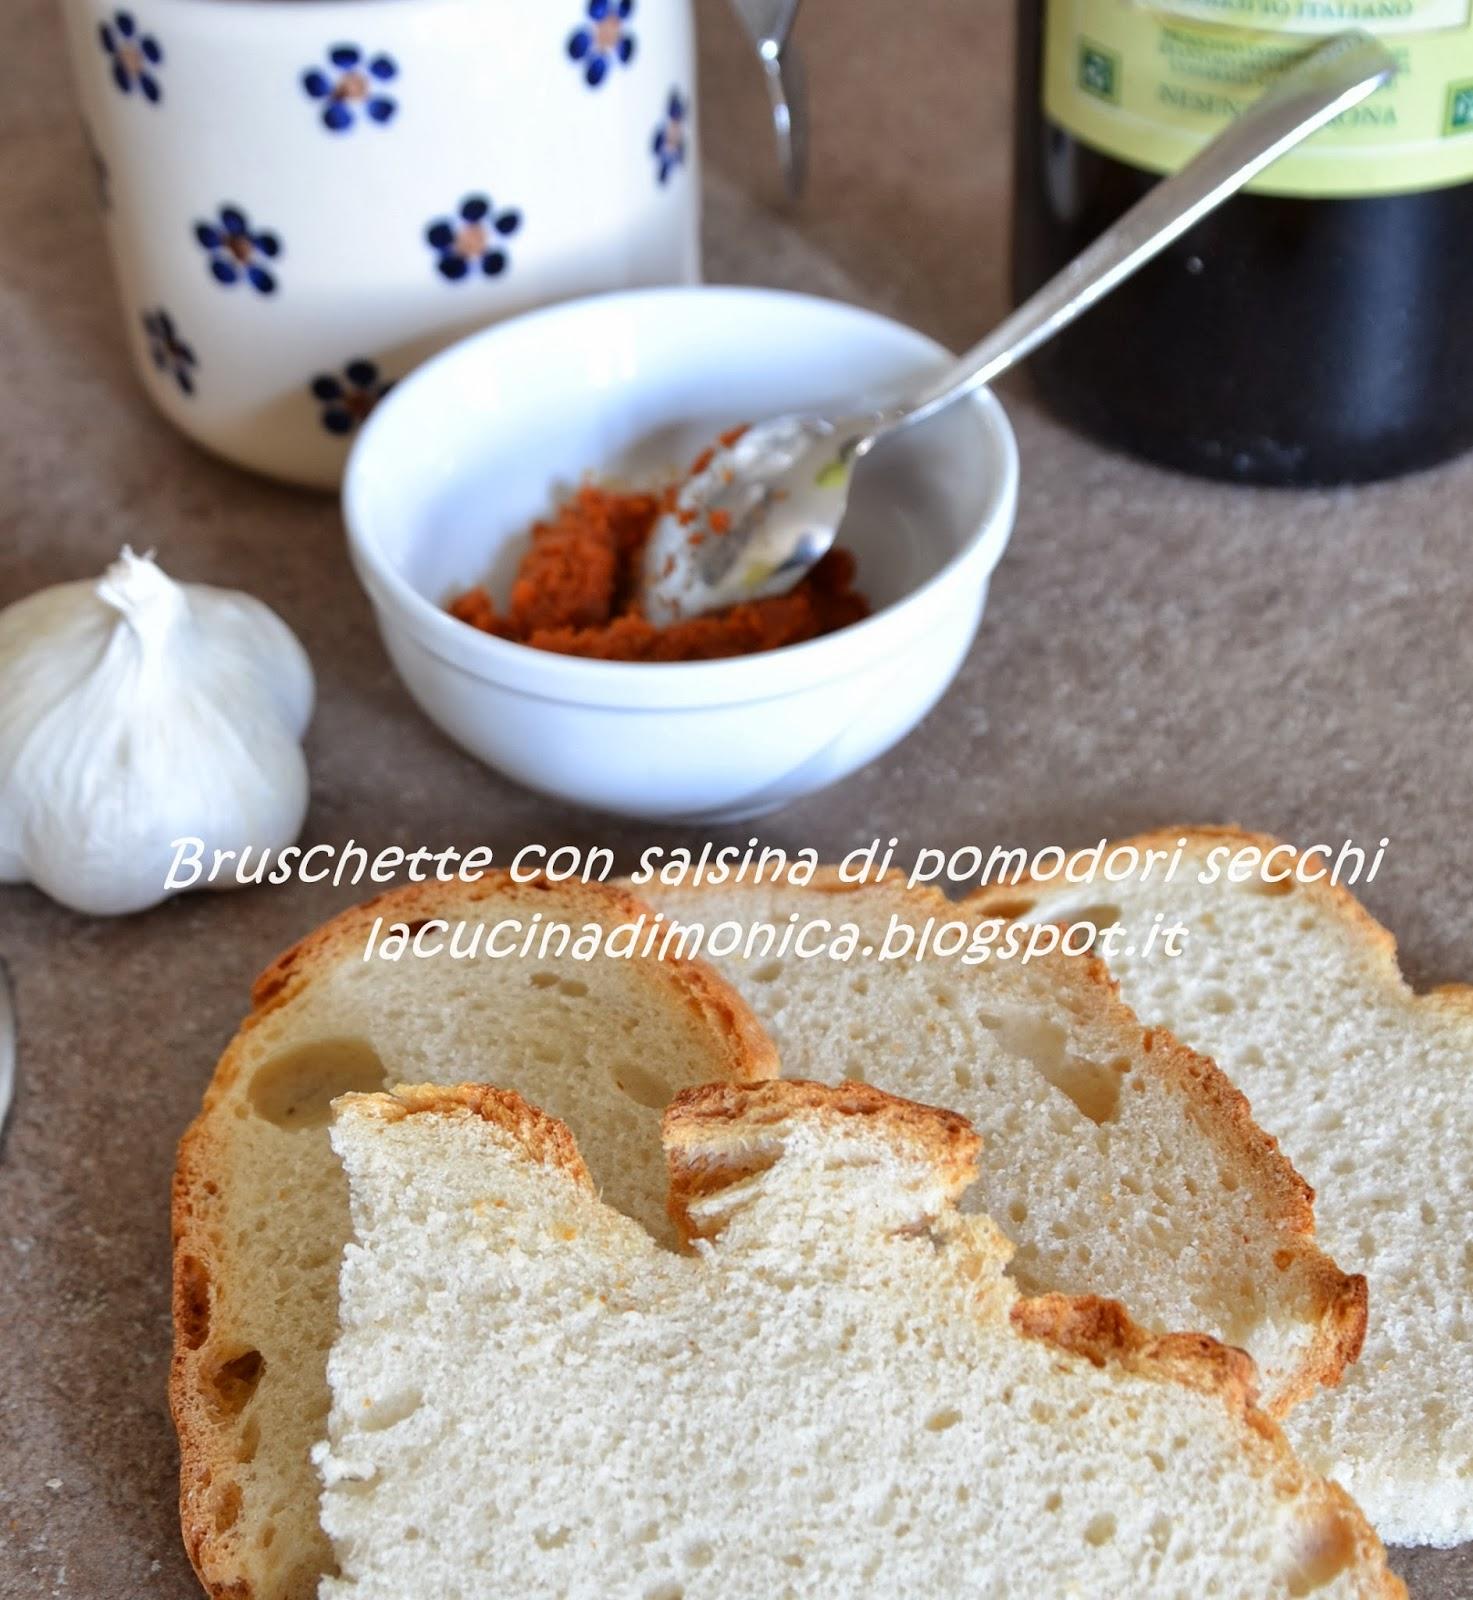 bruschetta con salsina di pomodori secchi